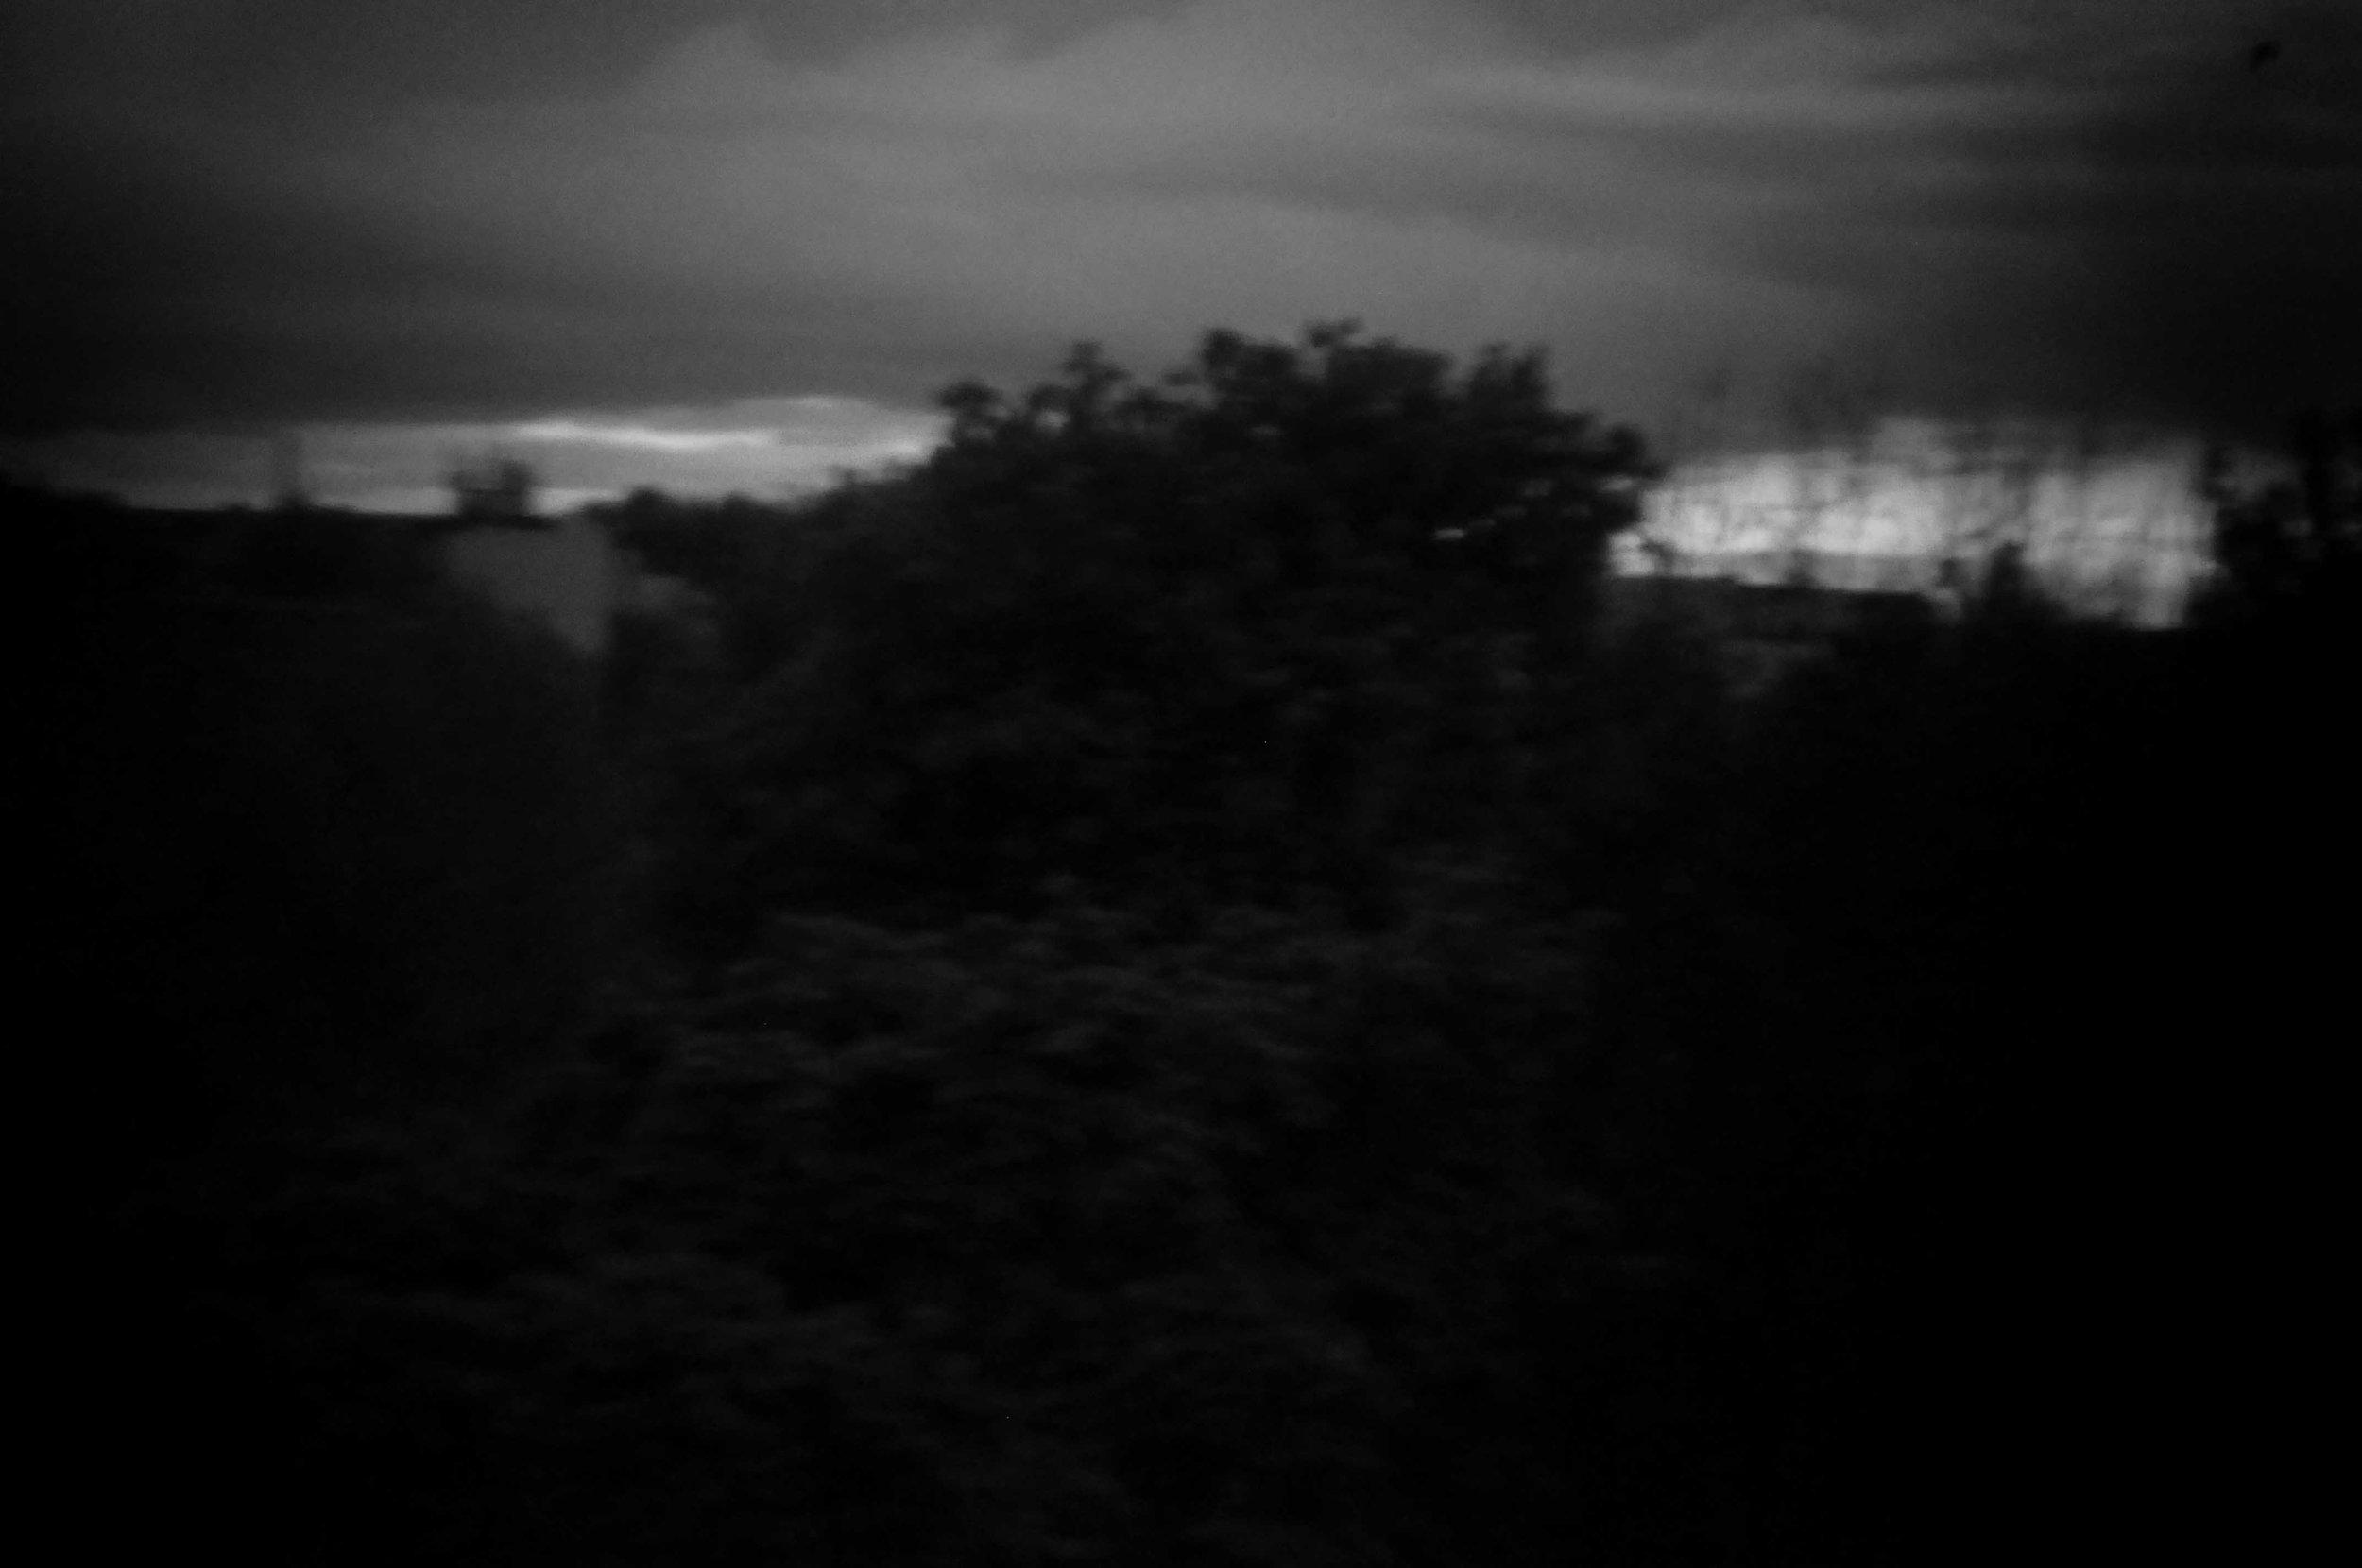 2 Aus der Serie Fenster - digitale Fotografie aus Papier - 30x45cm - 2014.jpg